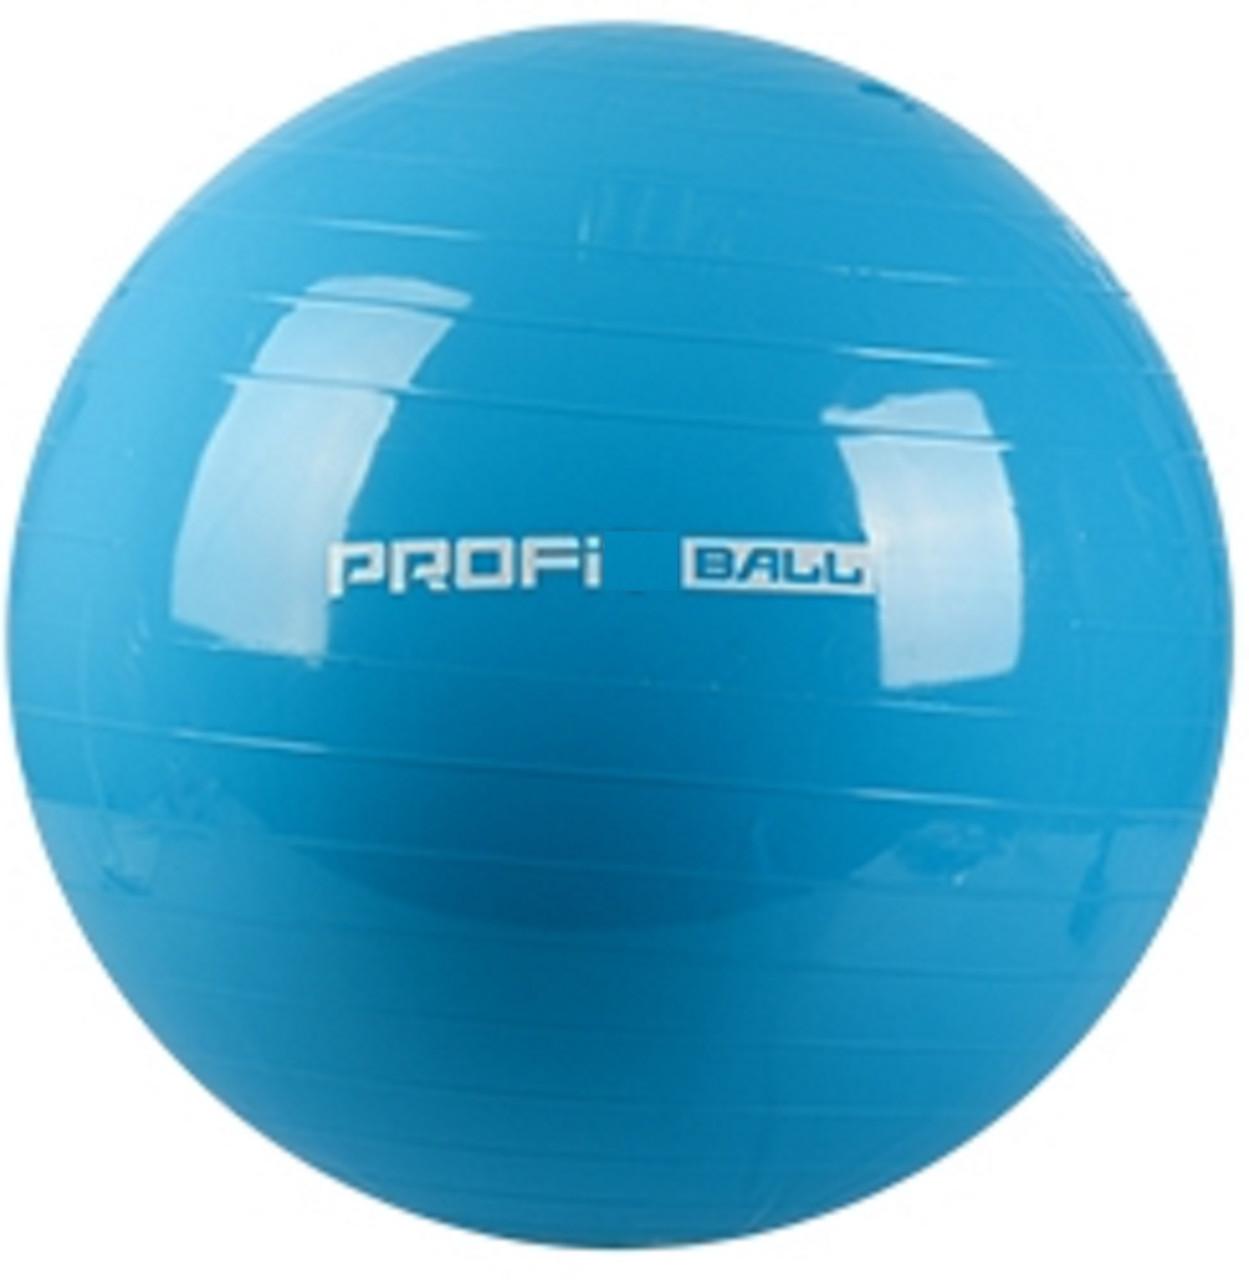 Фитбол Profi Ball 65 см. Голубой (MS 0382B)